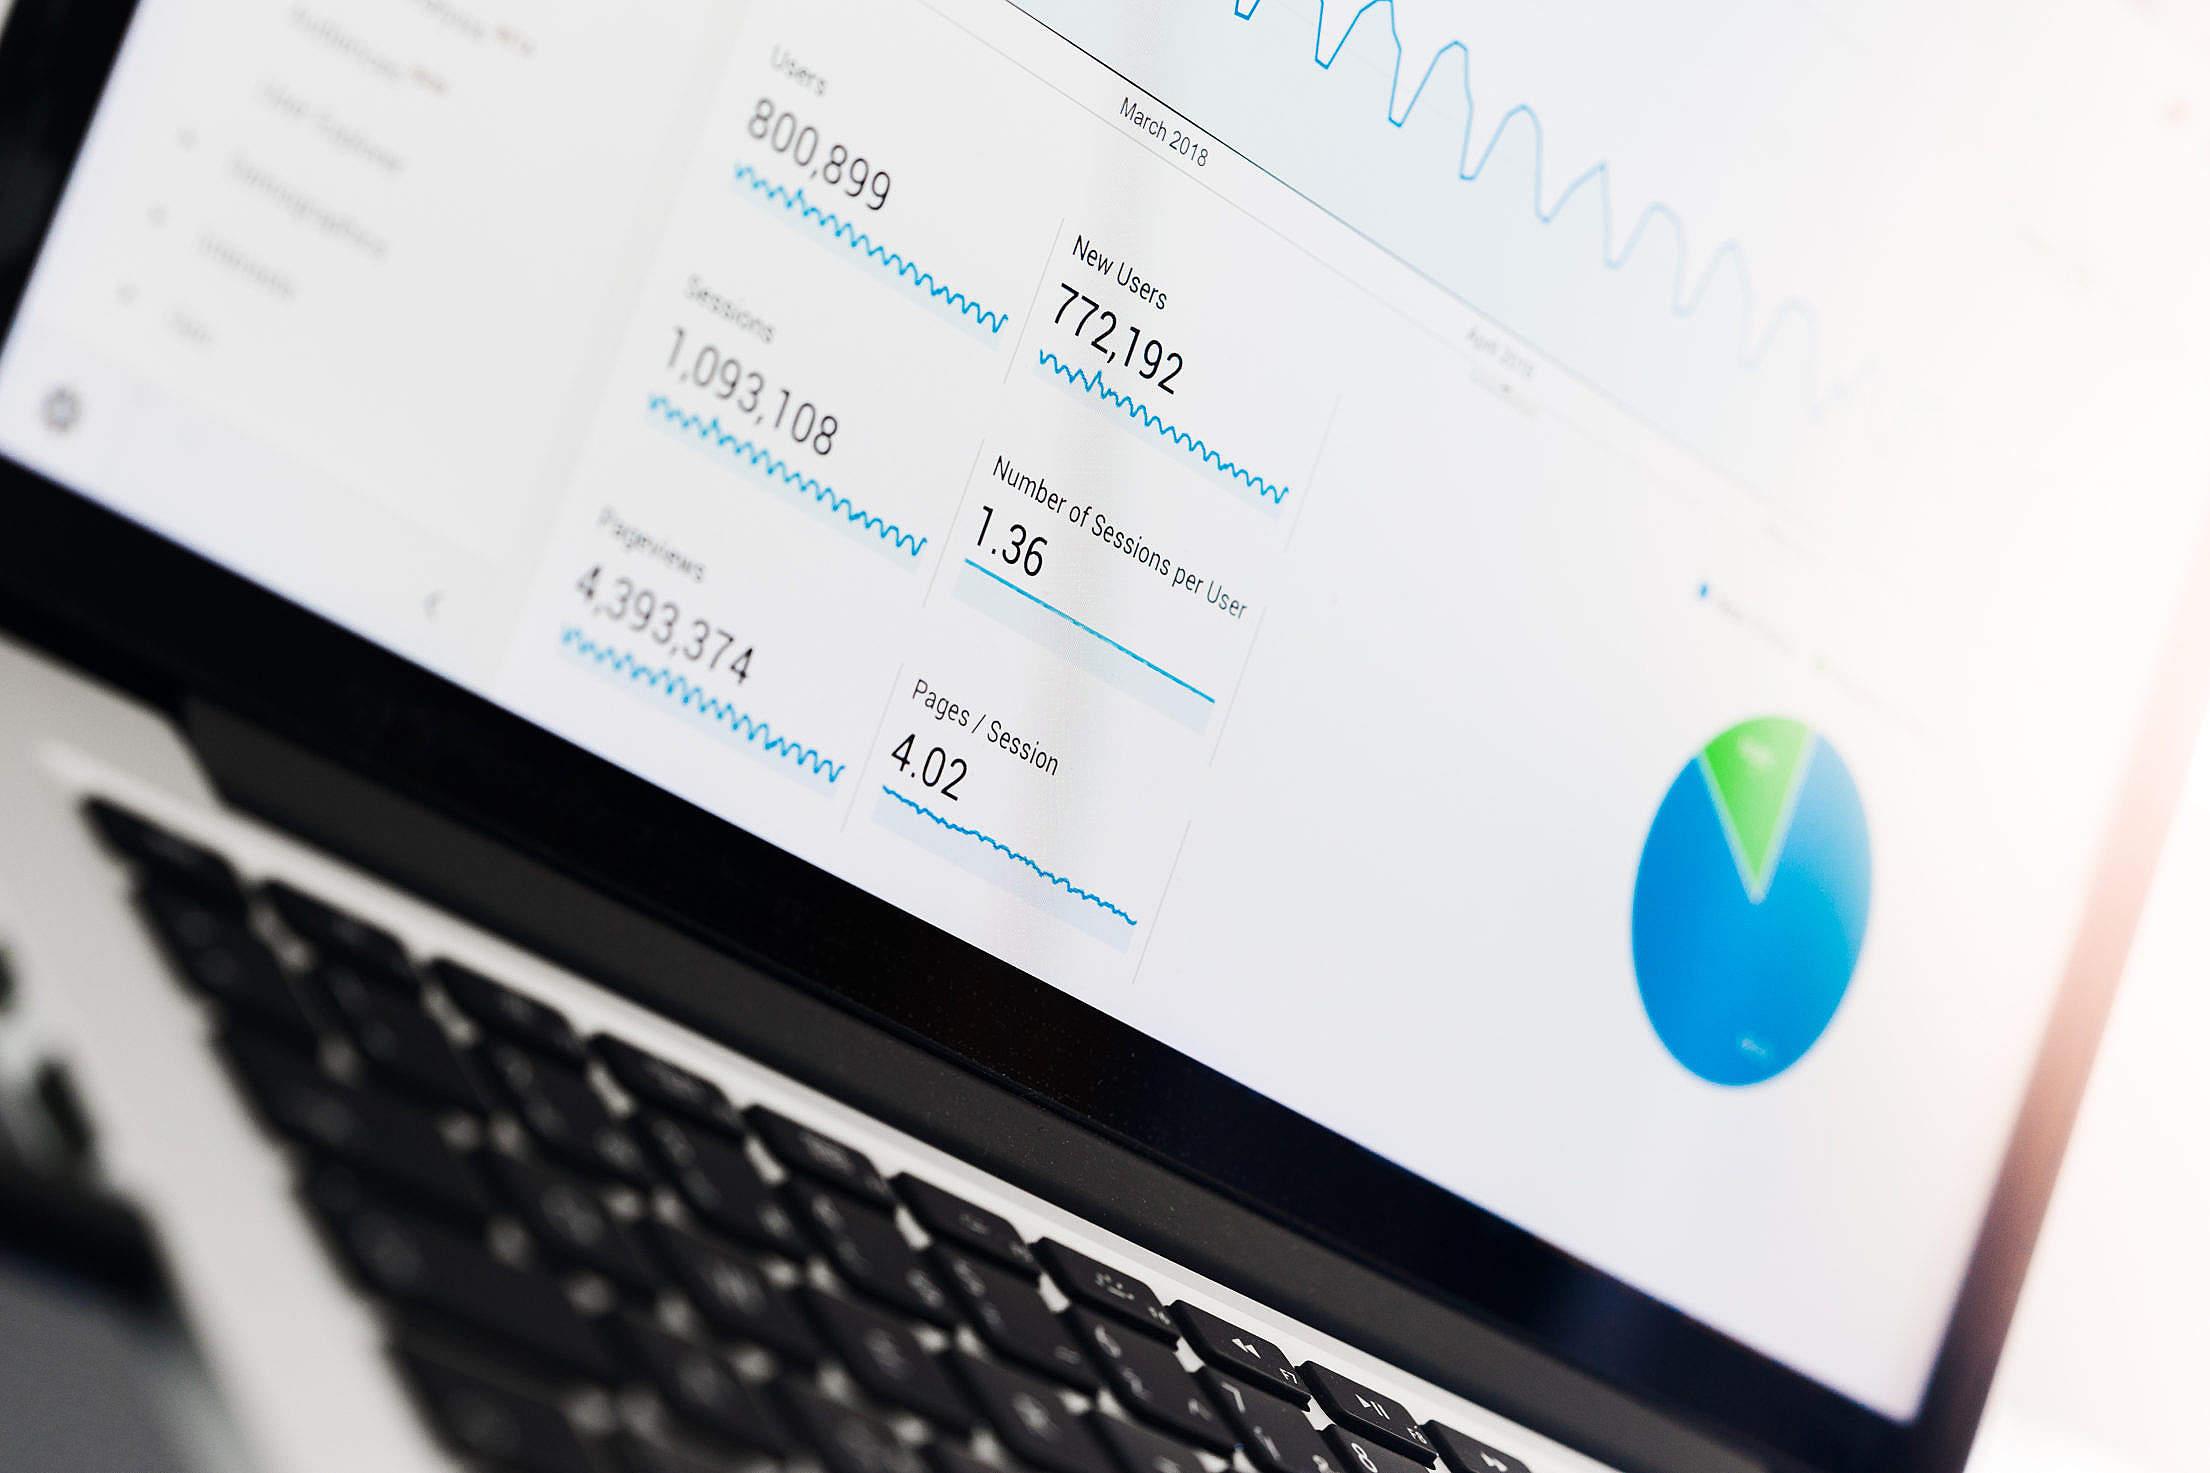 关键字和关键词密度设置的常识 seo 网站优化 搜索引擎优化 关键字密度 关键词密度 信噪比 太仓网络公司 太仓seo 第1张